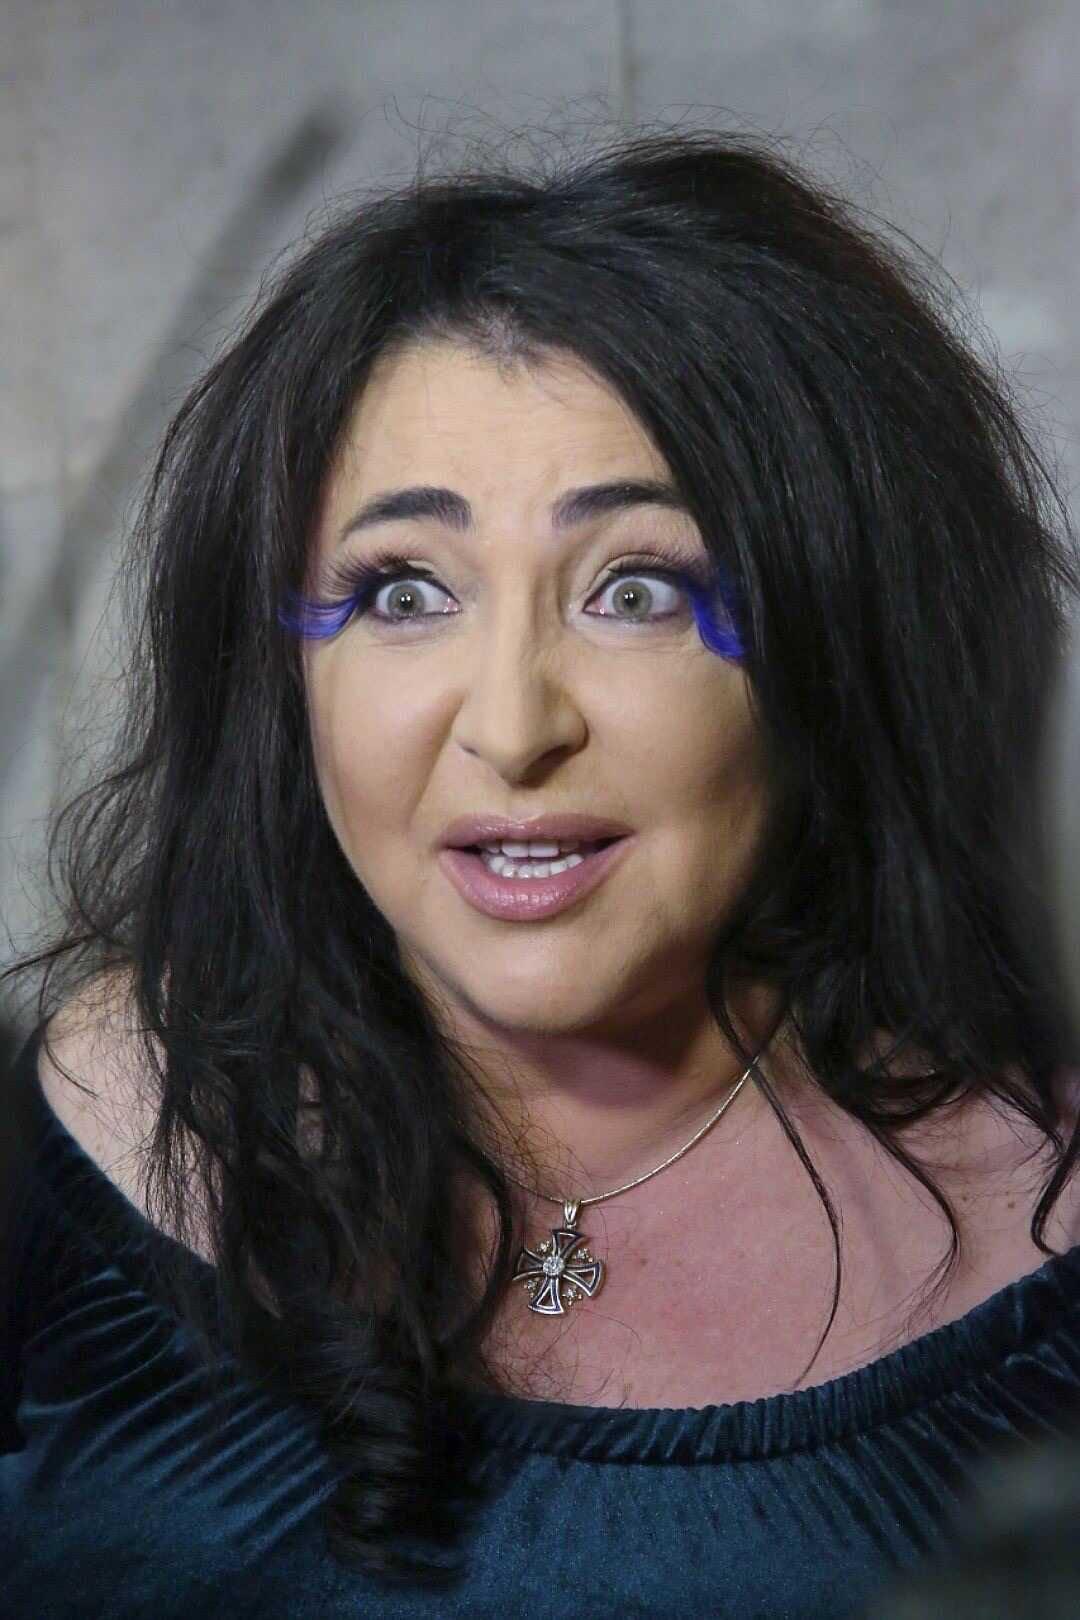 Лолита Милявская начала борьбу со смертельной болезнью